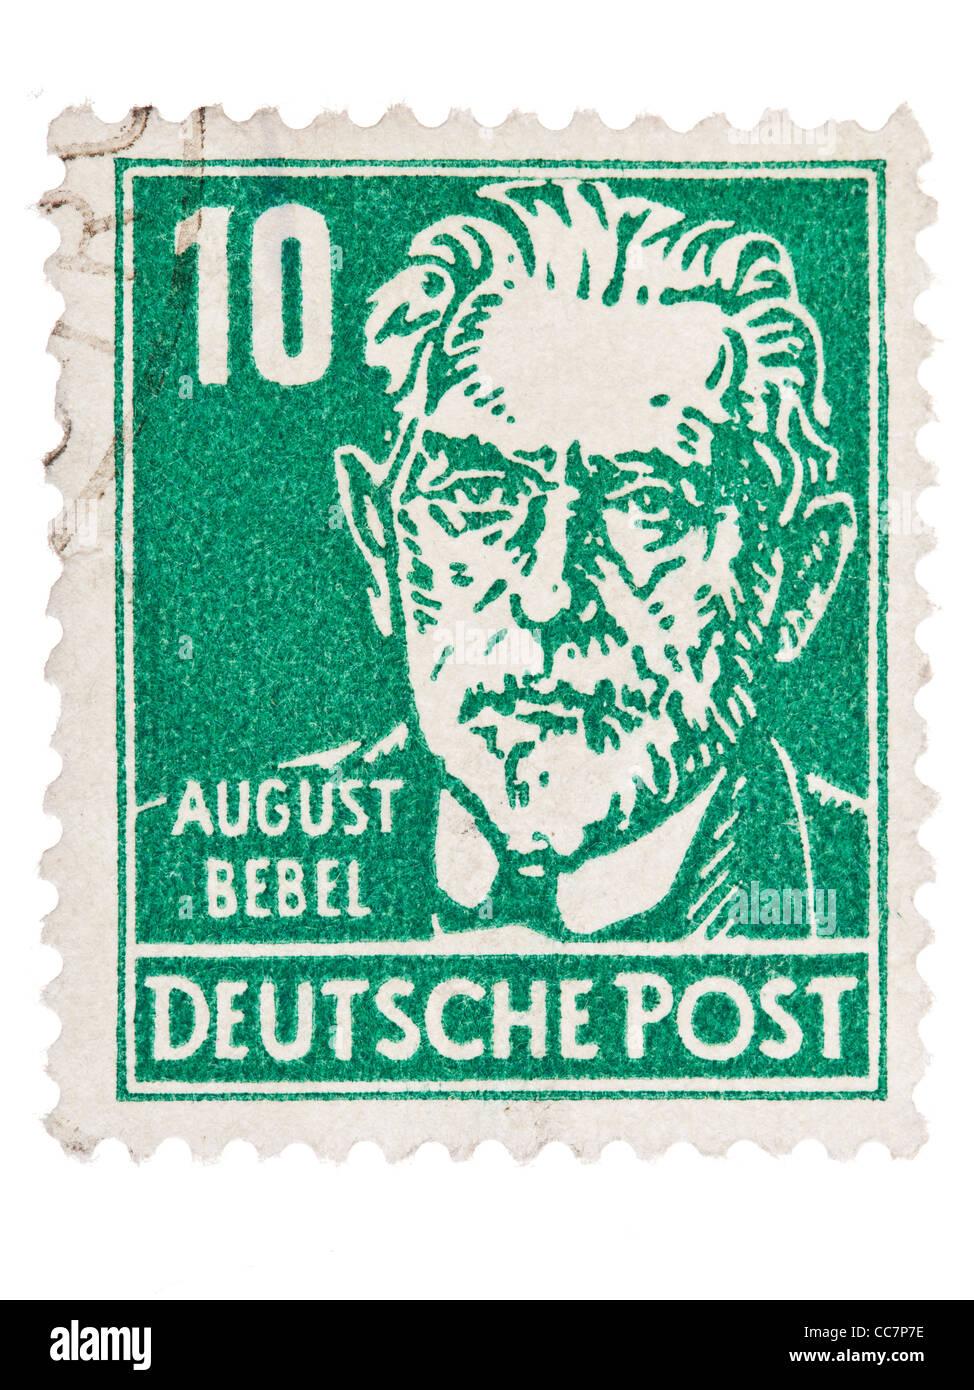 Postage stamp: Deutsche Post, DDR, 1952, August Bebel, 10 Pfennig, stamped - Stock Image